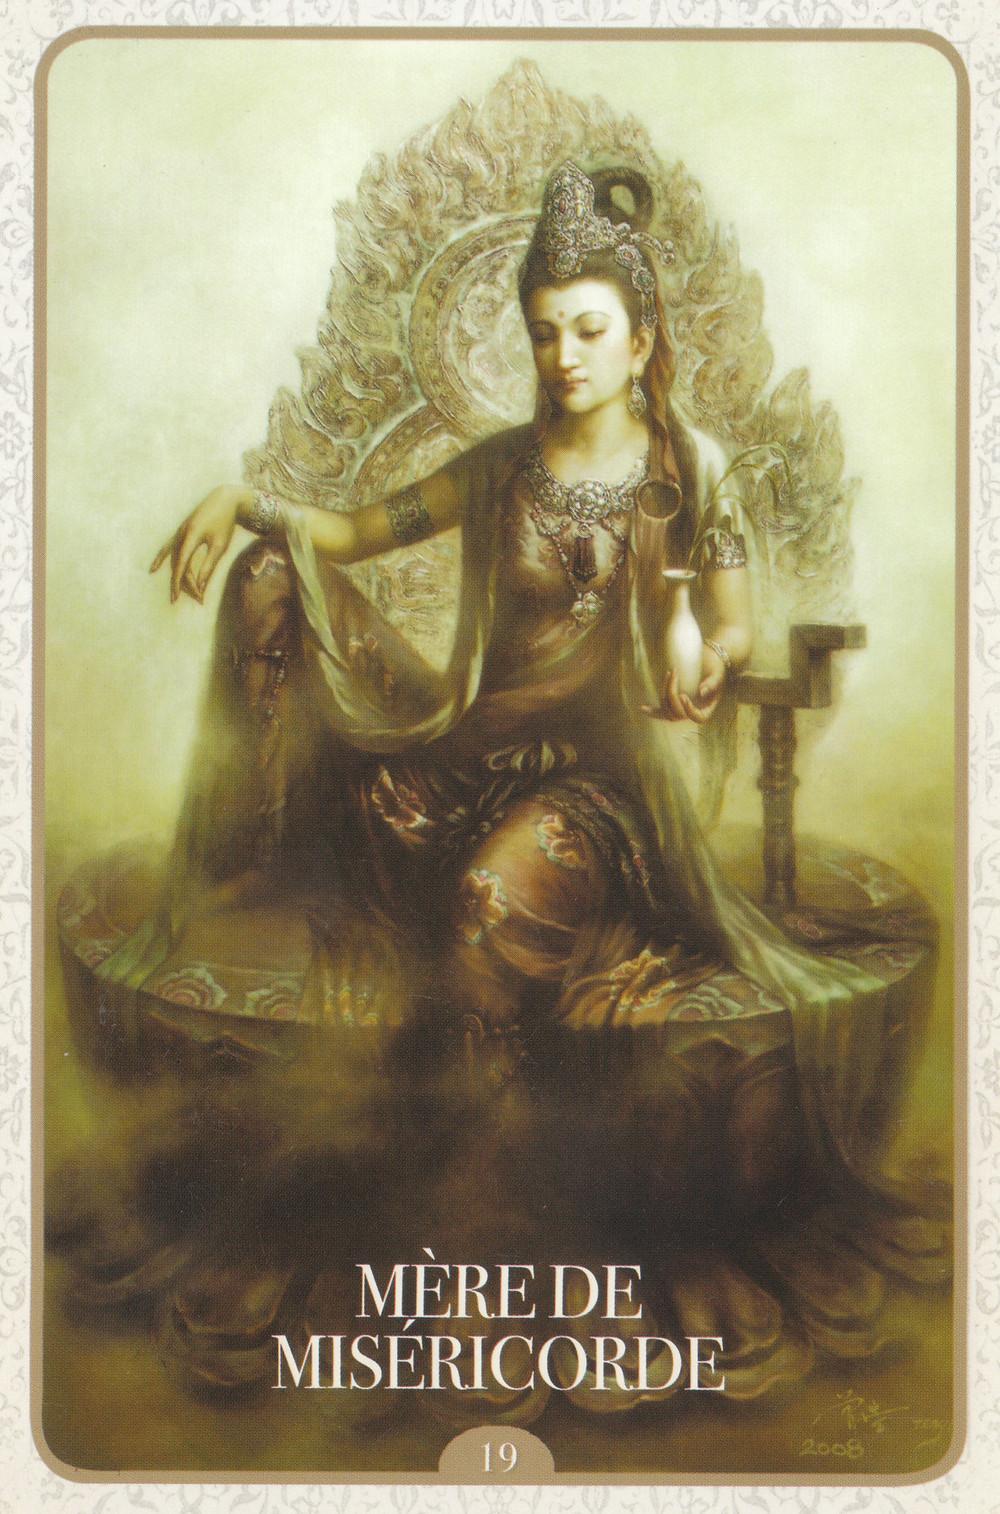 Carte de L'Oracle de Kuan Yin d'Alana Fairchild - 19 - Mère de Miséricorde - Energies du weekend du 20-21-22 décembre 2019 : On sort de l'impuissance et on Accueil l'Abondance ! (Soin énergétique collectif de Solstice d'Hiver)